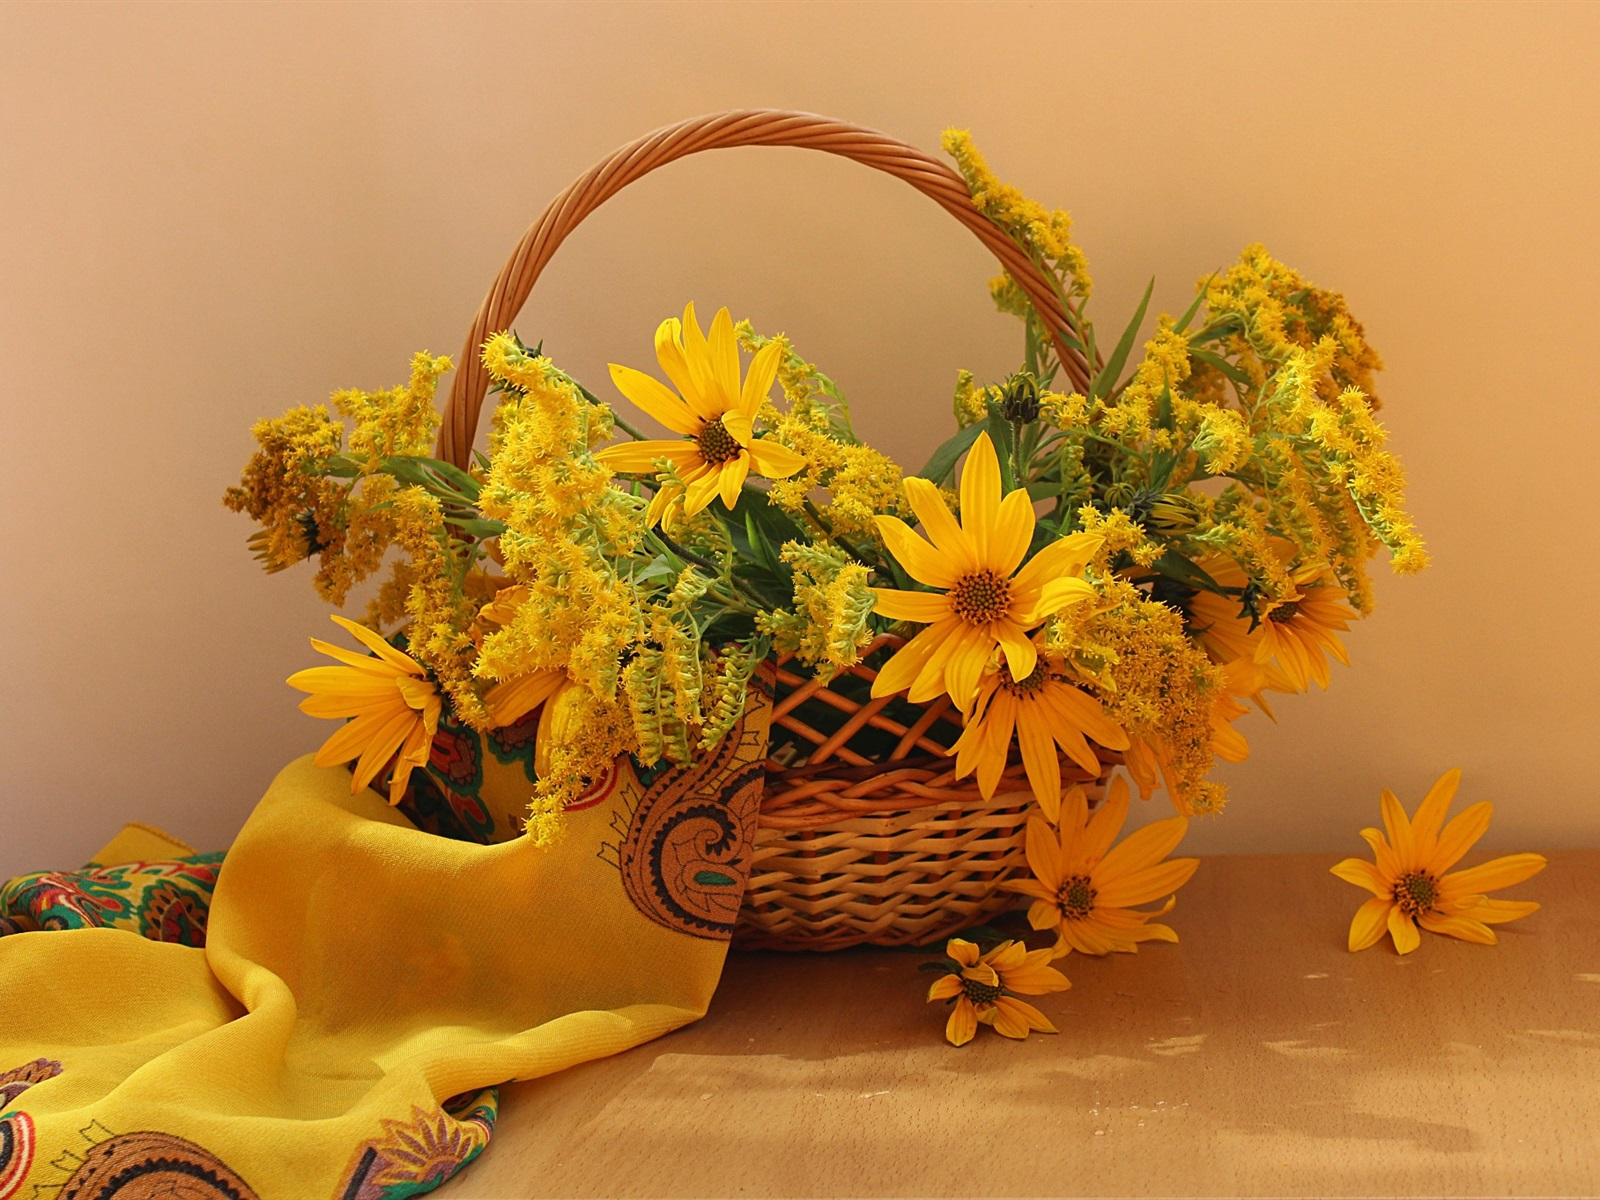 Пасху стиле, картинки осень цветы золотая